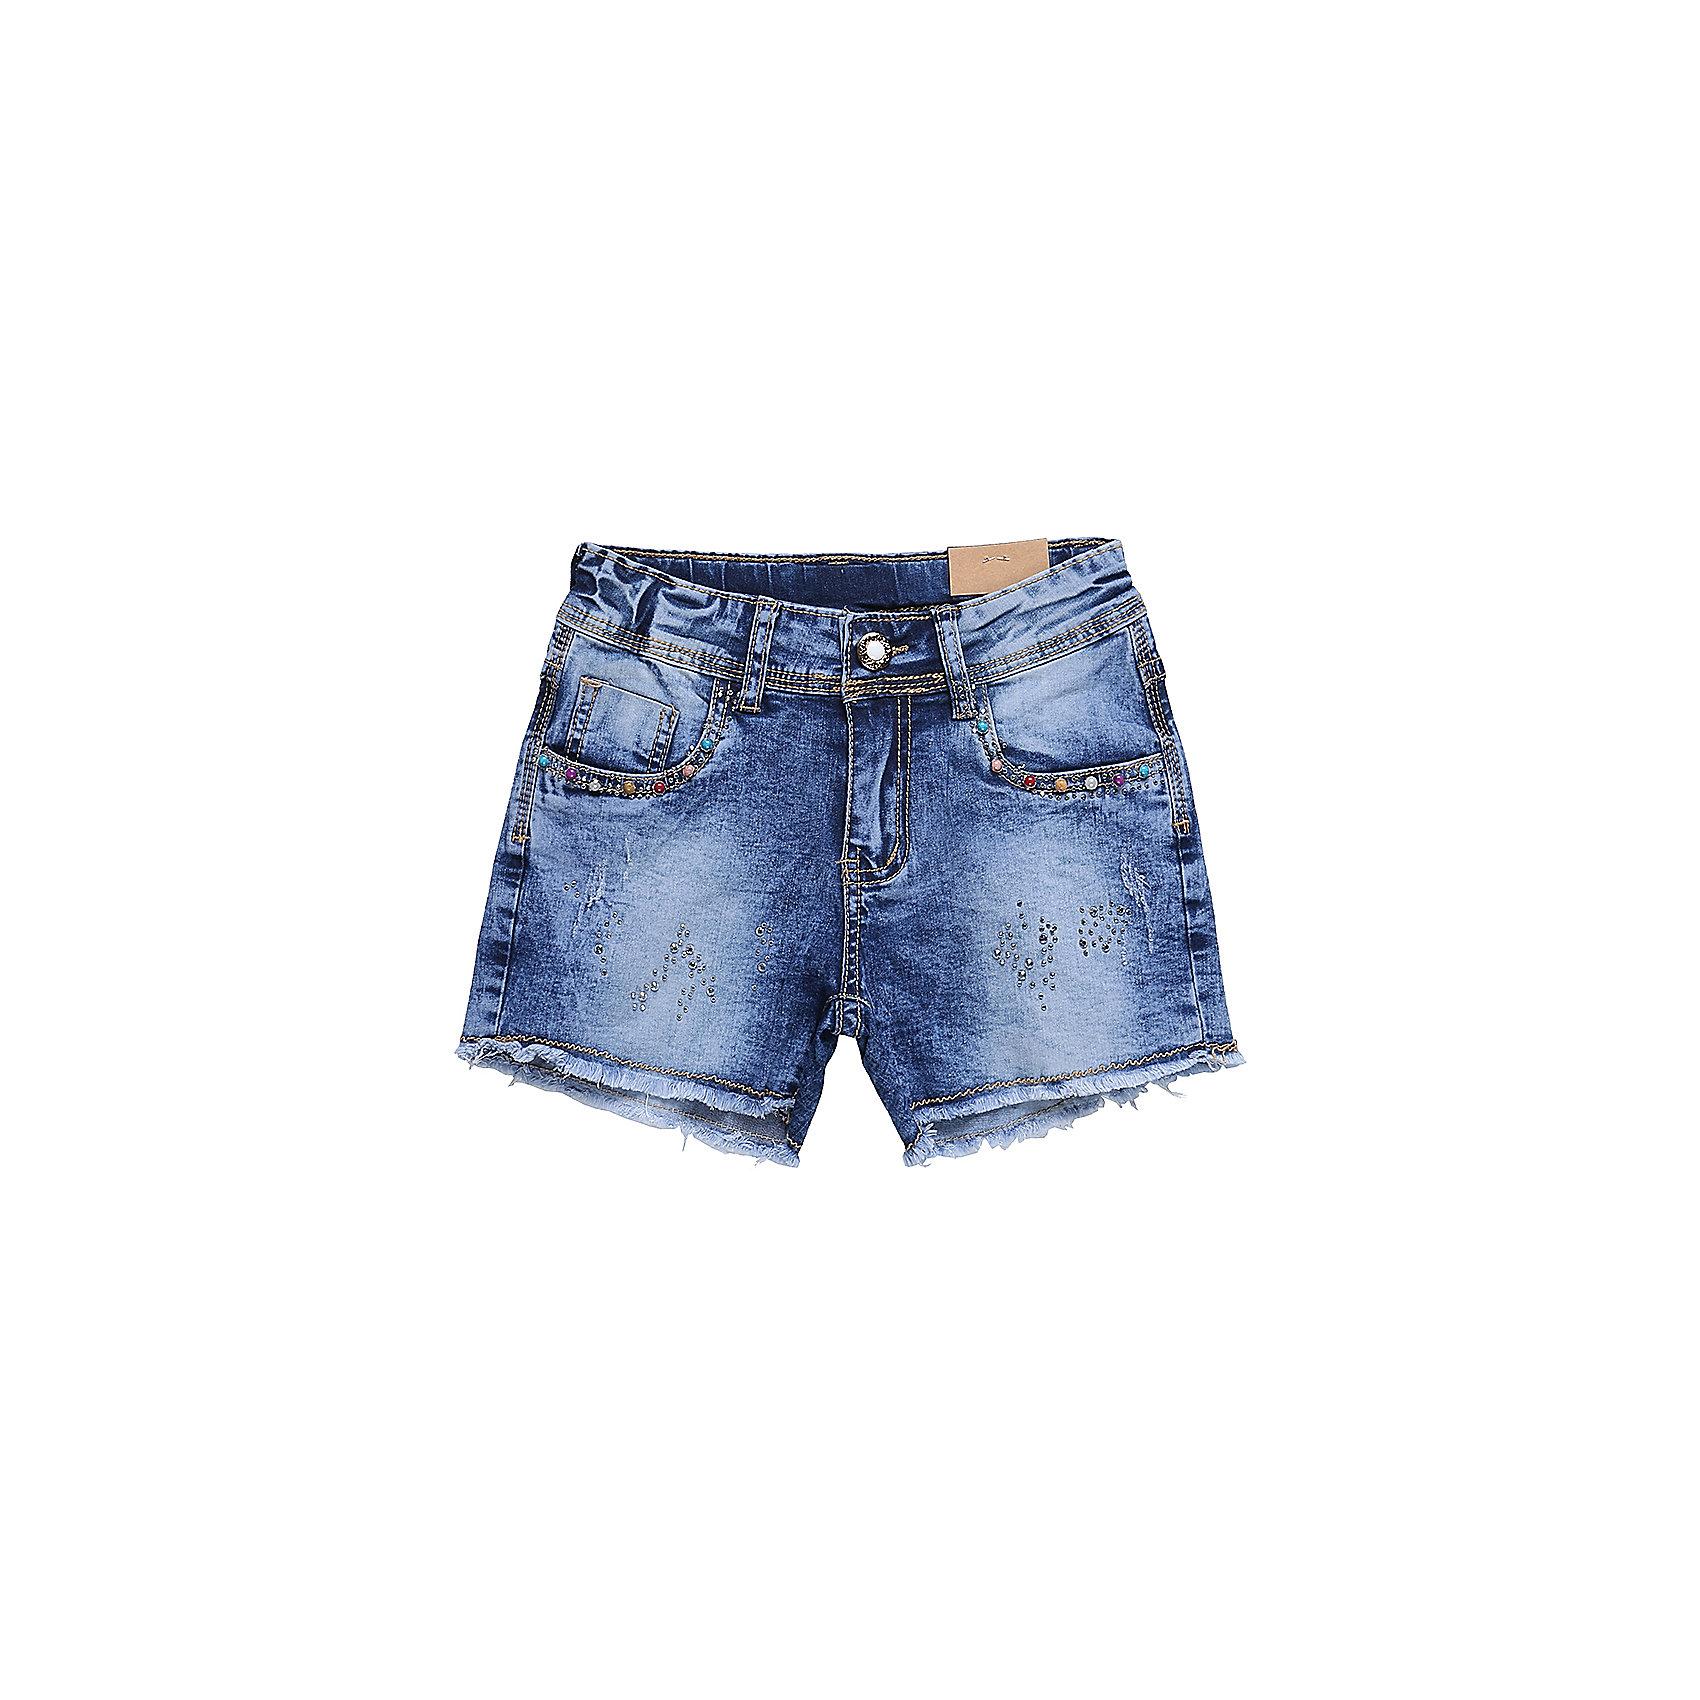 Шорты джинсовые для девочки LuminosoШорты, бриджи, капри<br>Джинсовые шорты для девочки. Декорированы яркими стразами. Застегиваются на молнию и пуговицу.   В боковой части пояса находятся вшитые эластичные ленты, регулирующие посадку по талии.<br>Состав:<br>98%хлопок 2%эластан<br><br>Ширина мм: 191<br>Глубина мм: 10<br>Высота мм: 175<br>Вес г: 273<br>Цвет: синий<br>Возраст от месяцев: 108<br>Возраст до месяцев: 120<br>Пол: Женский<br>Возраст: Детский<br>Размер: 140,134,164,158,152,146<br>SKU: 5413591